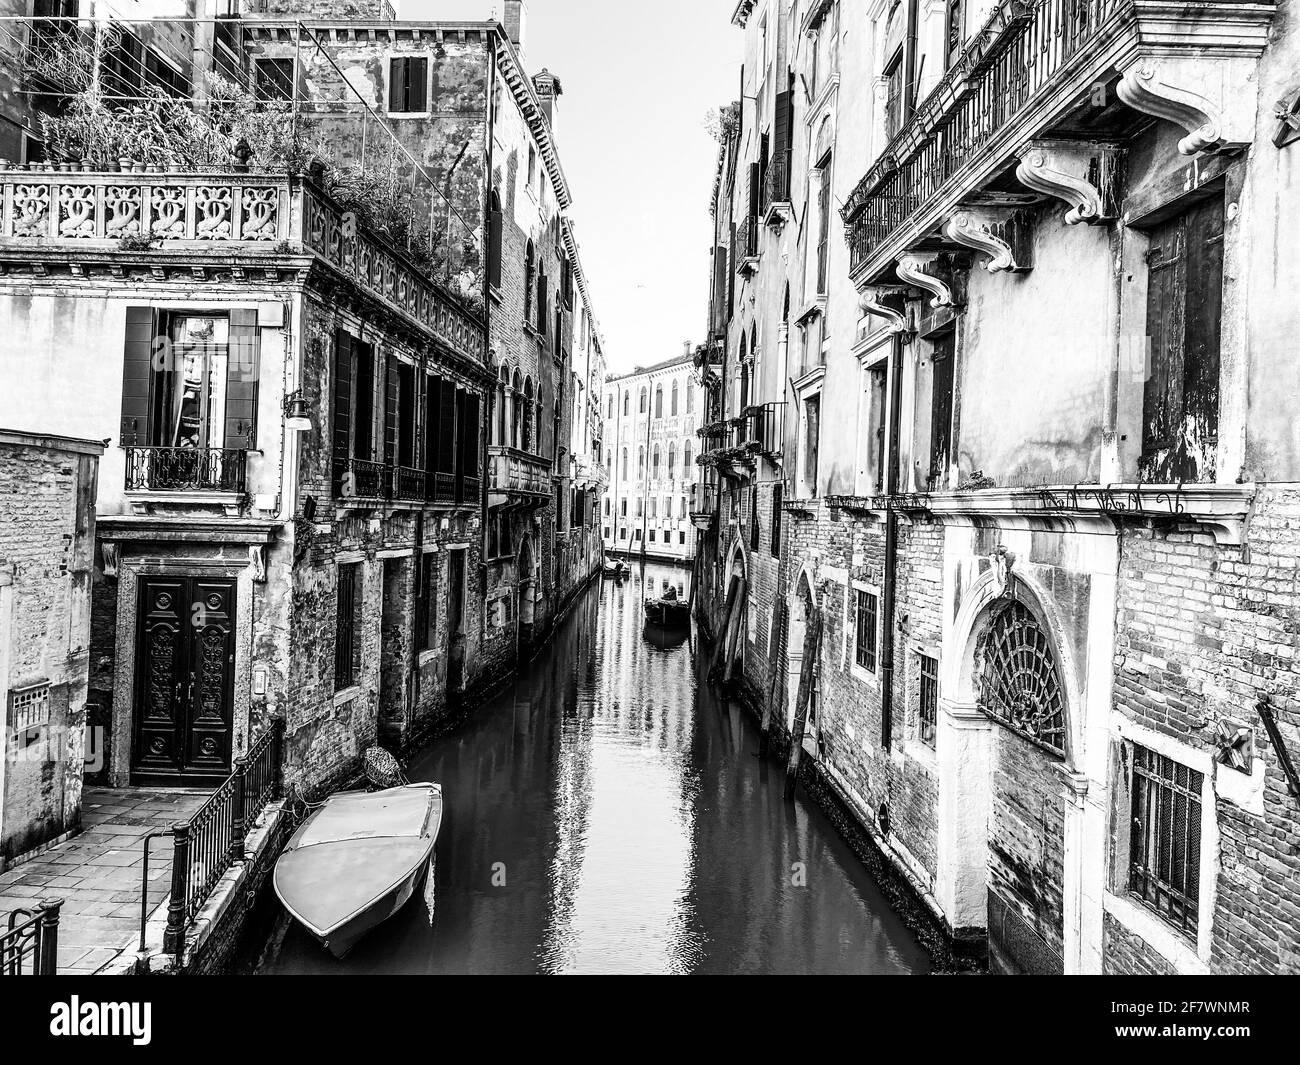 Piccola barca su una piccola strada canale a Venezia con belle case colorate, Italia Foto Stock